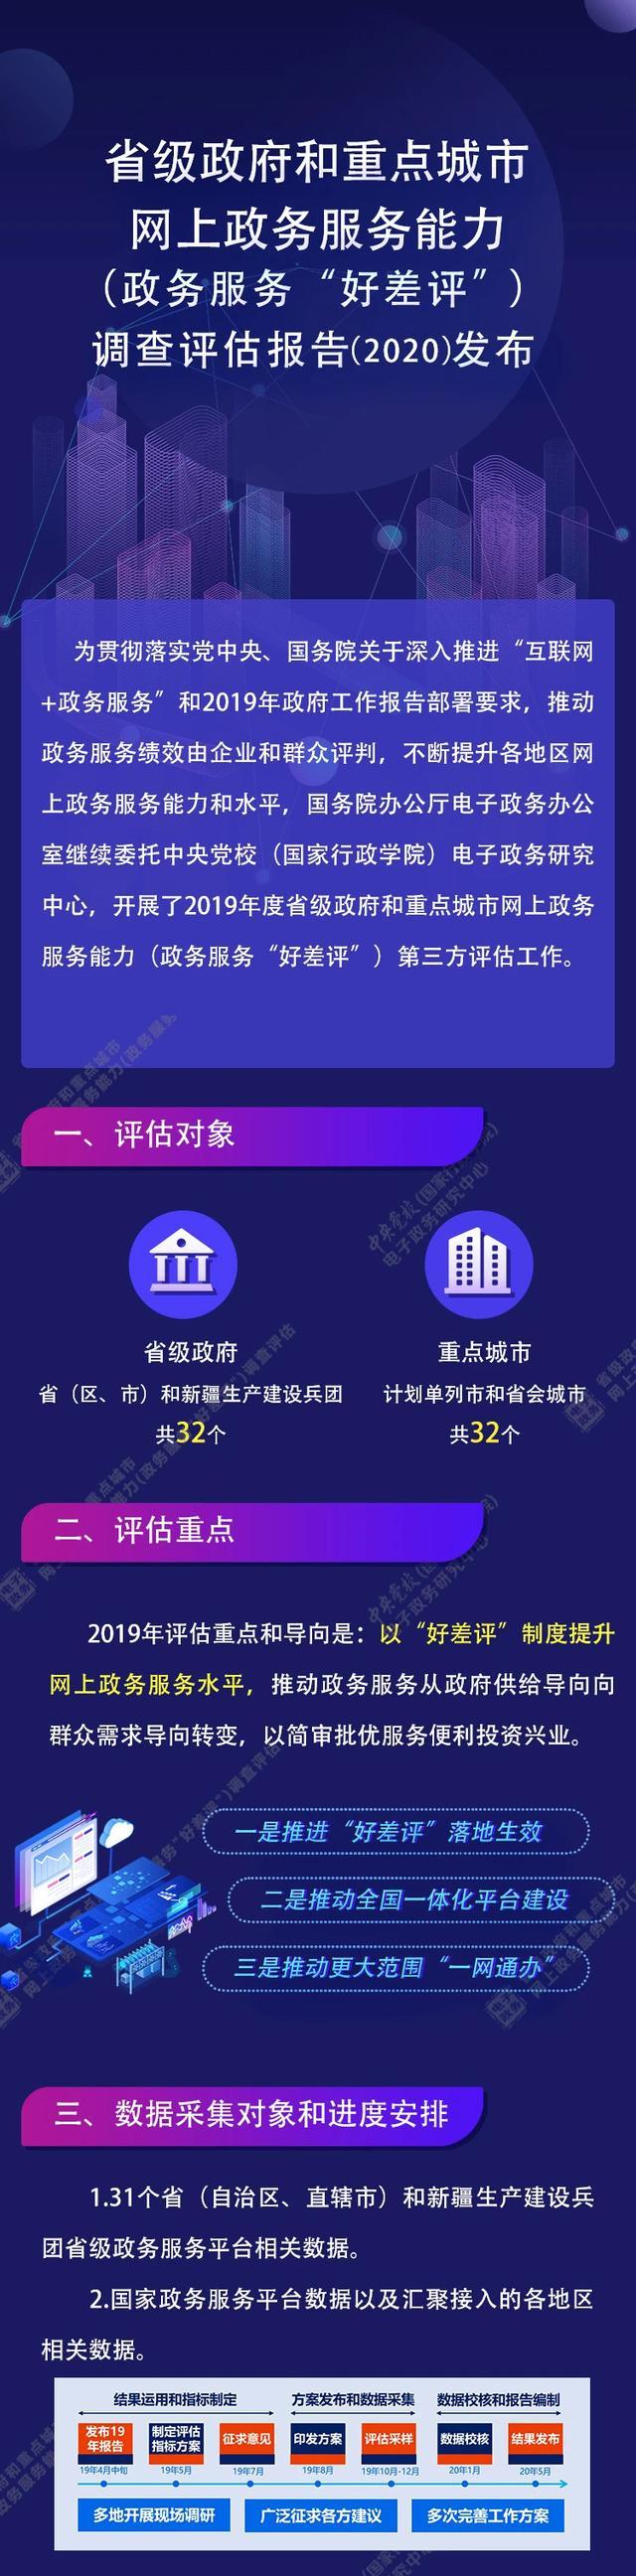 四川一体化政务服务位列全国第七图片